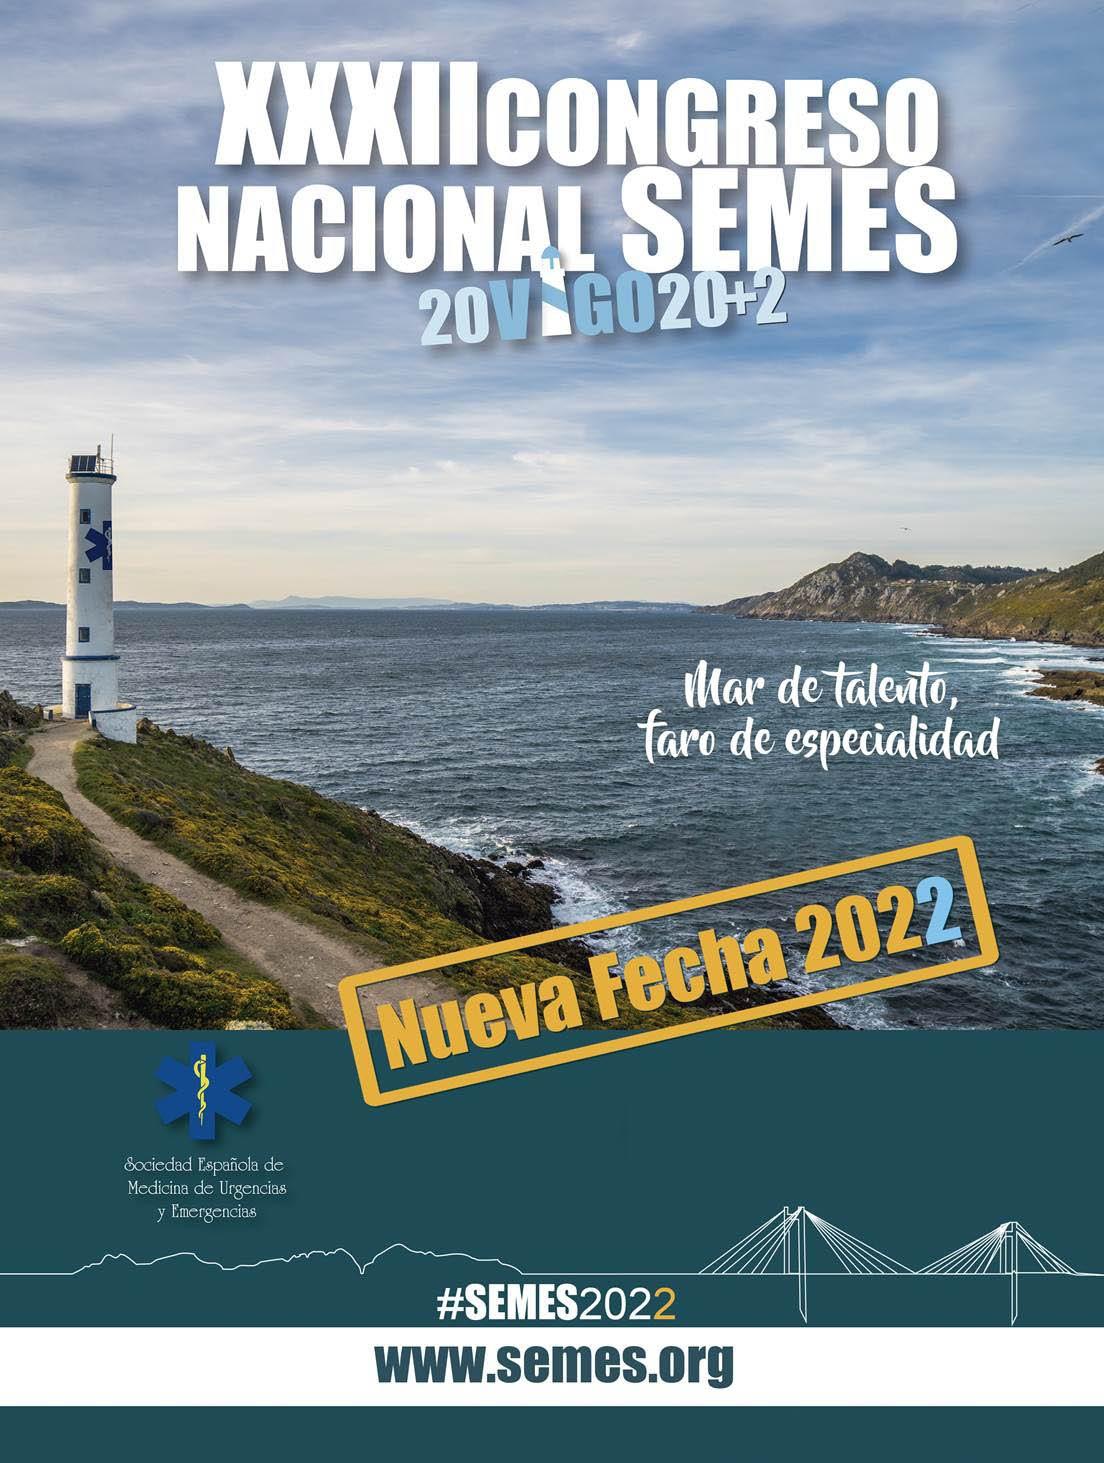 Congreso Nacional SEMES 2022